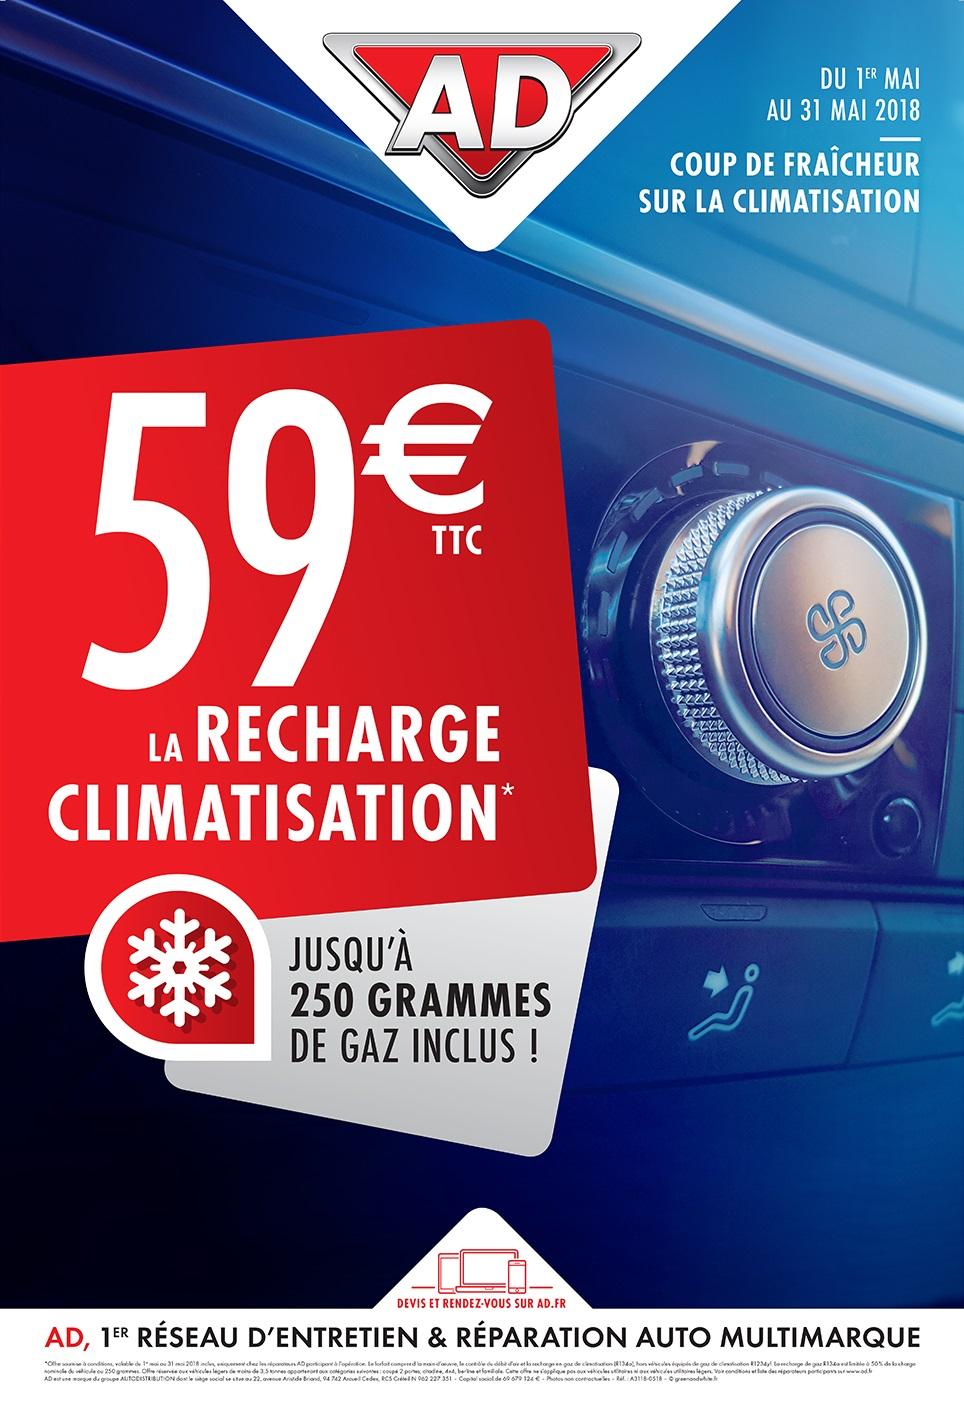 Coup de fraîcheur sur la climatisation du 1er au 31 mai 2018 au Garage David Onlydrive à Saint Fulgent